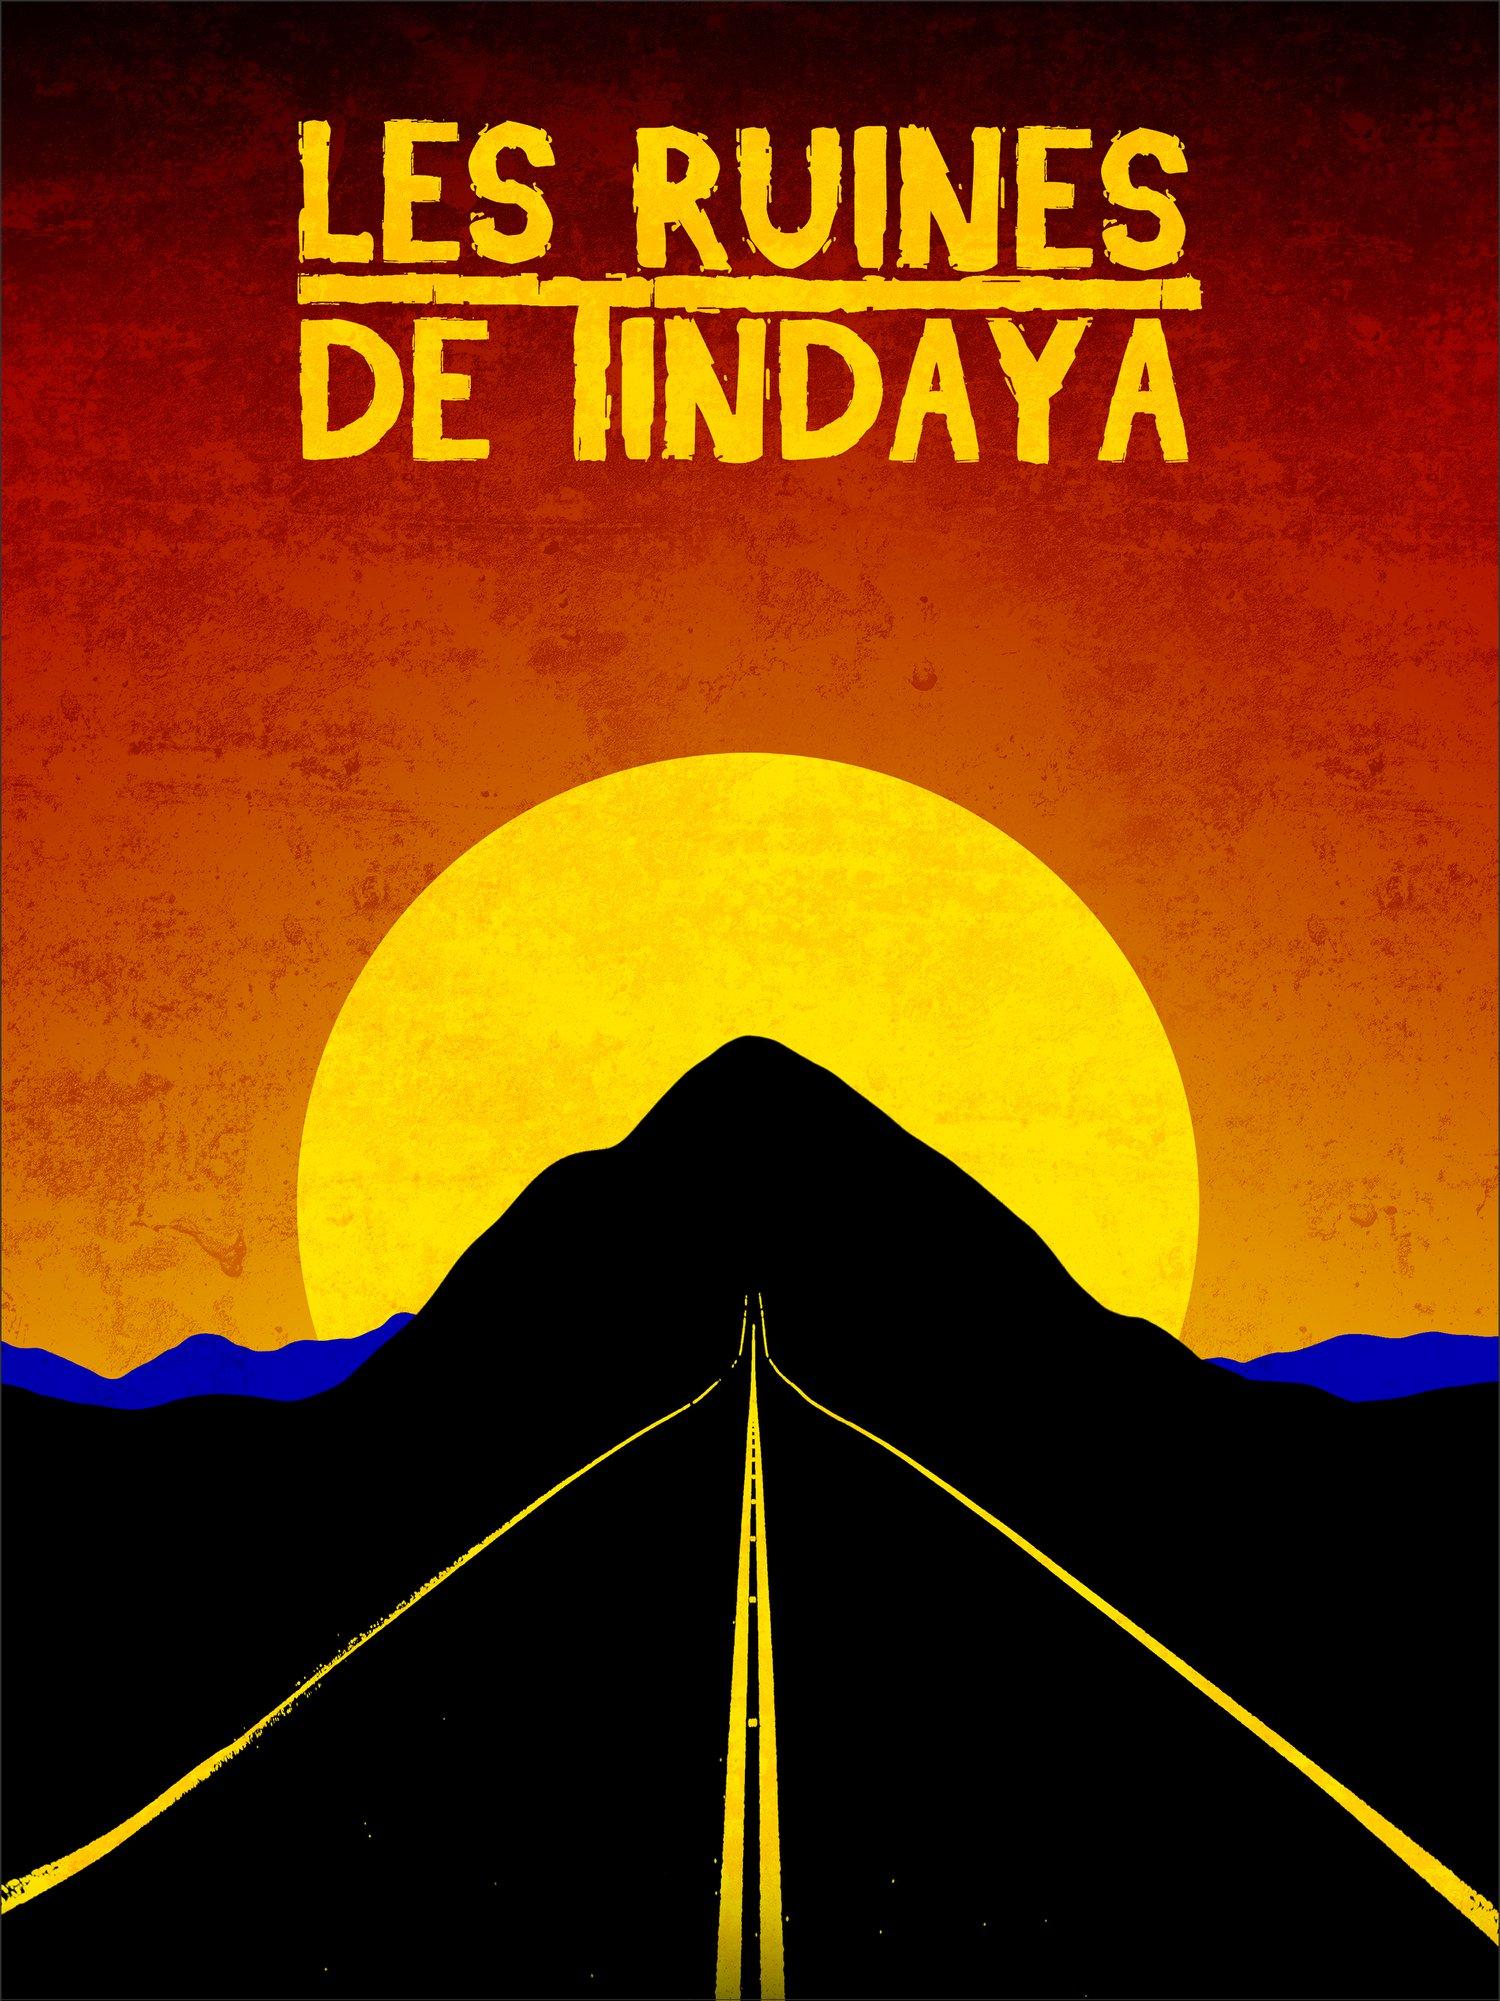 Les Ruines de Tindaya - Teaser Poster - 2018